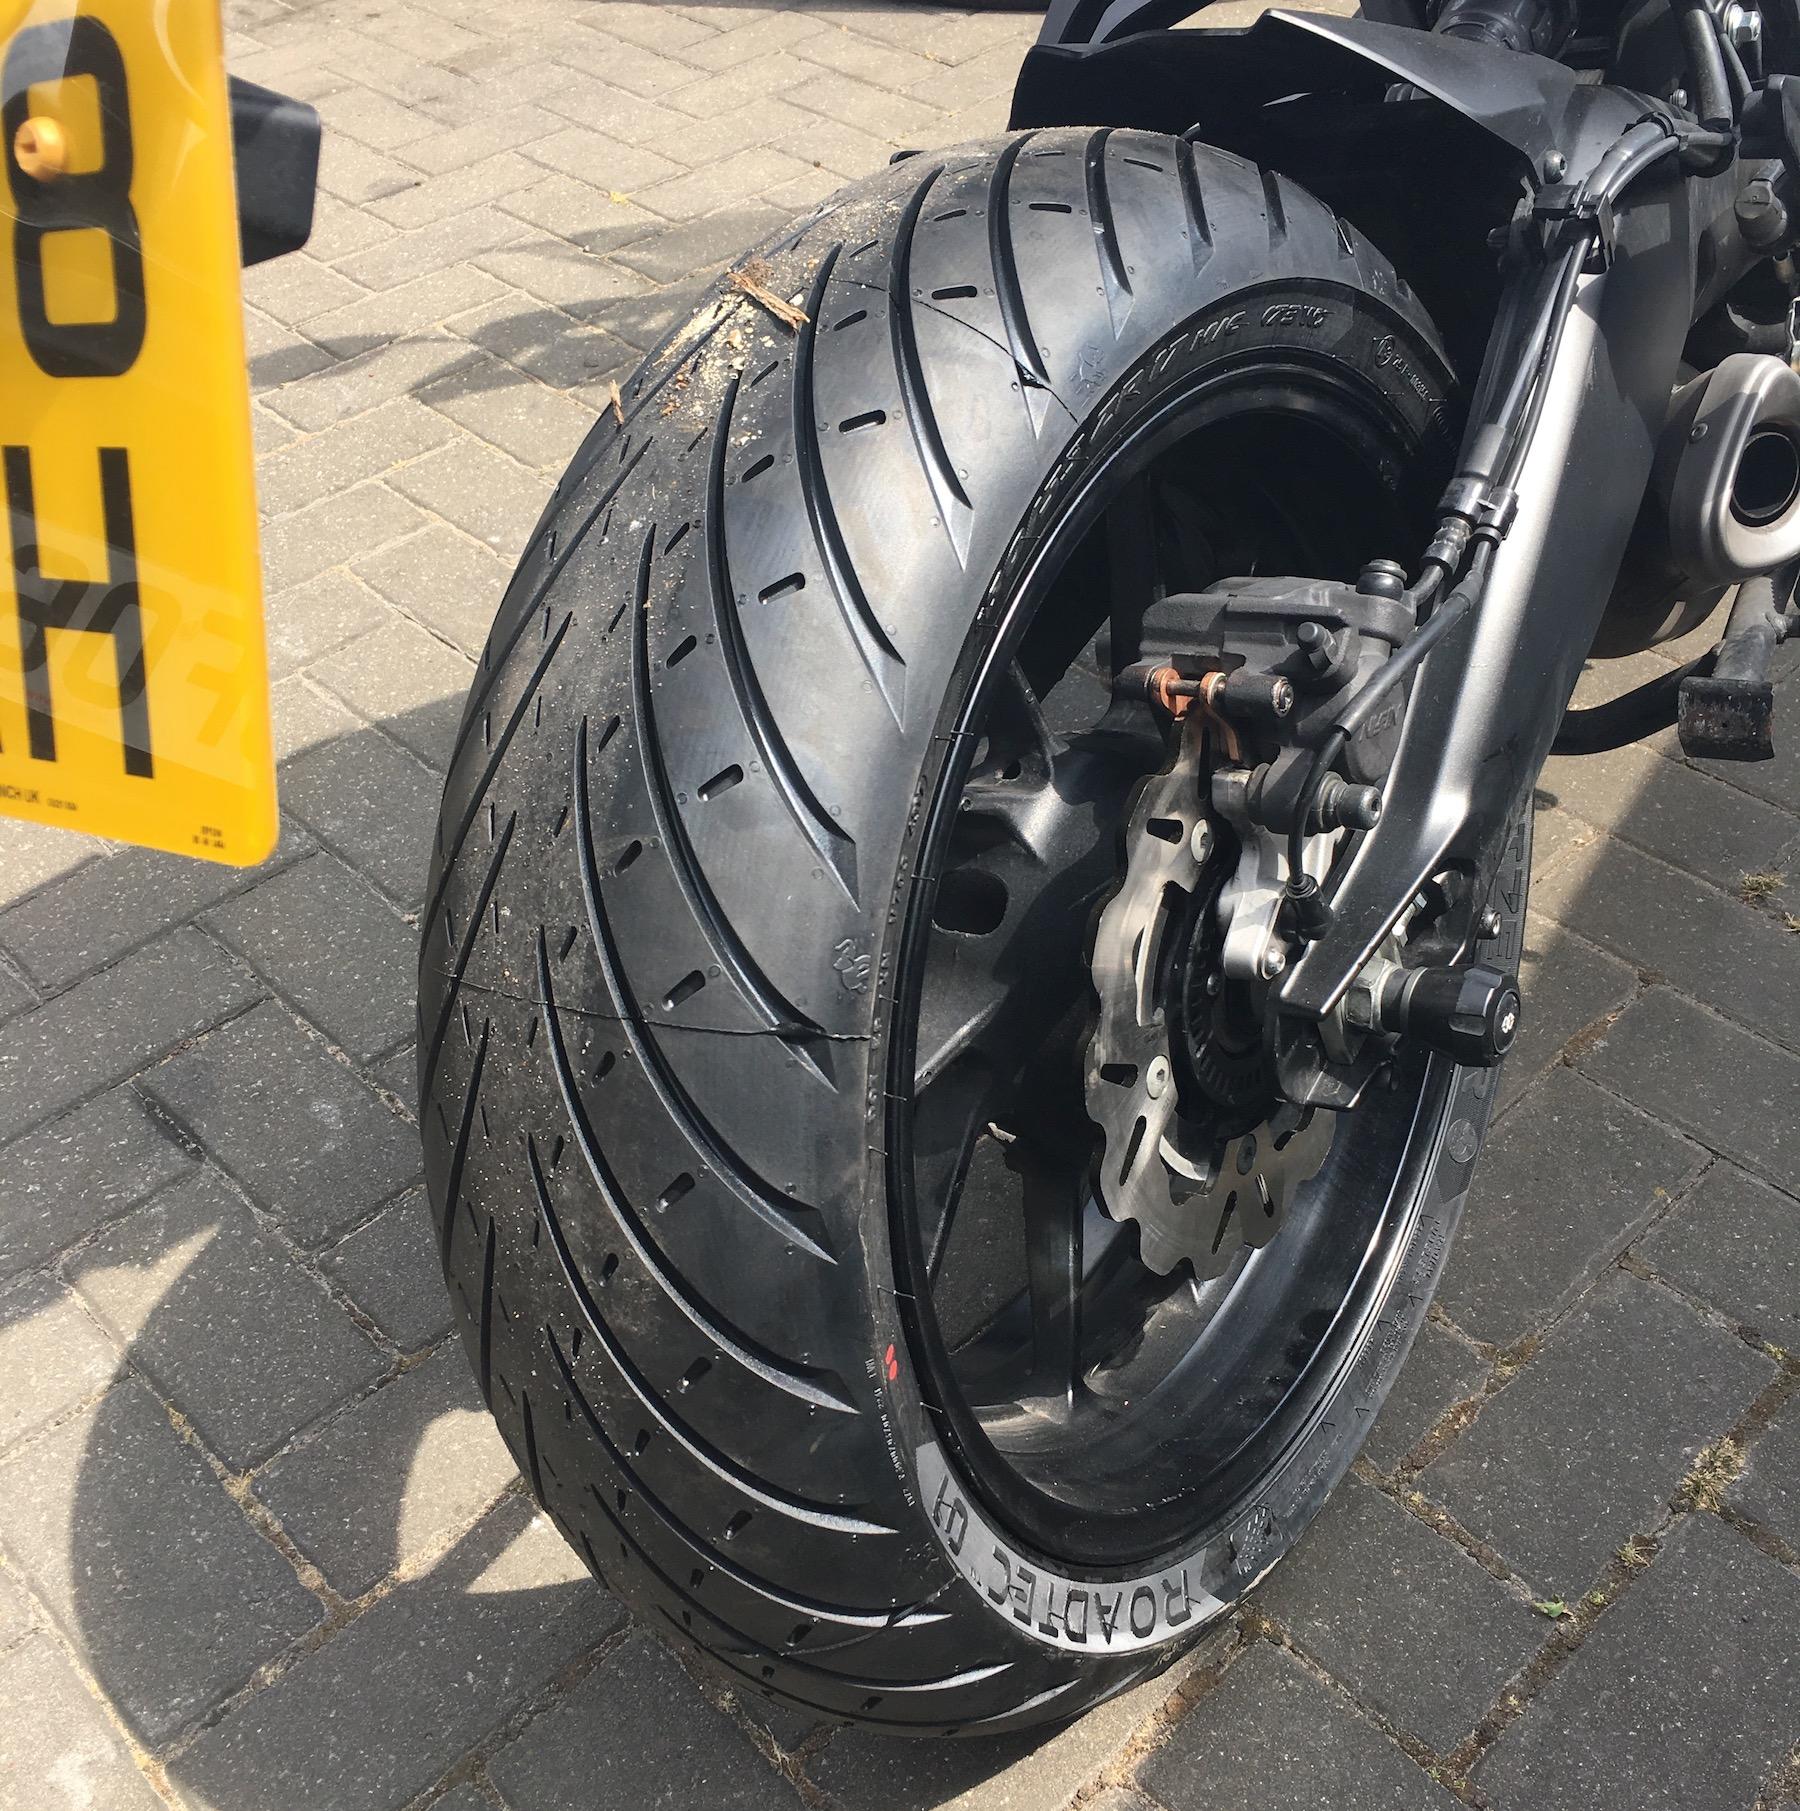 Metzeler Roadtec 01 tyres on Tracer 900